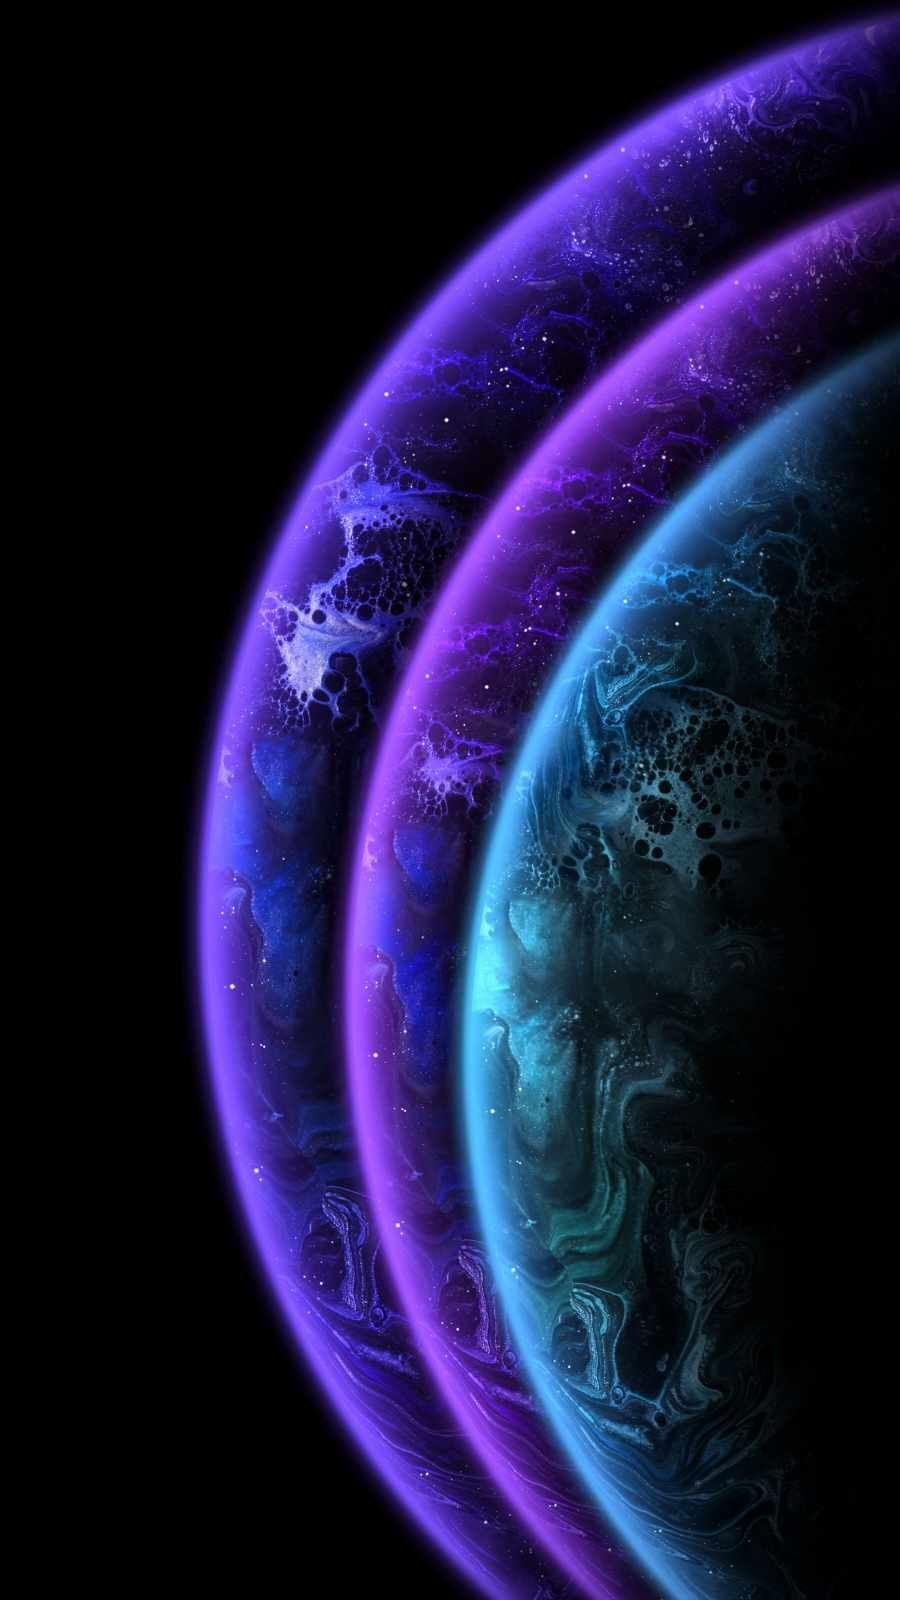 Neon Astronaut IPhone Wallpaper - IPhone Wallpapers